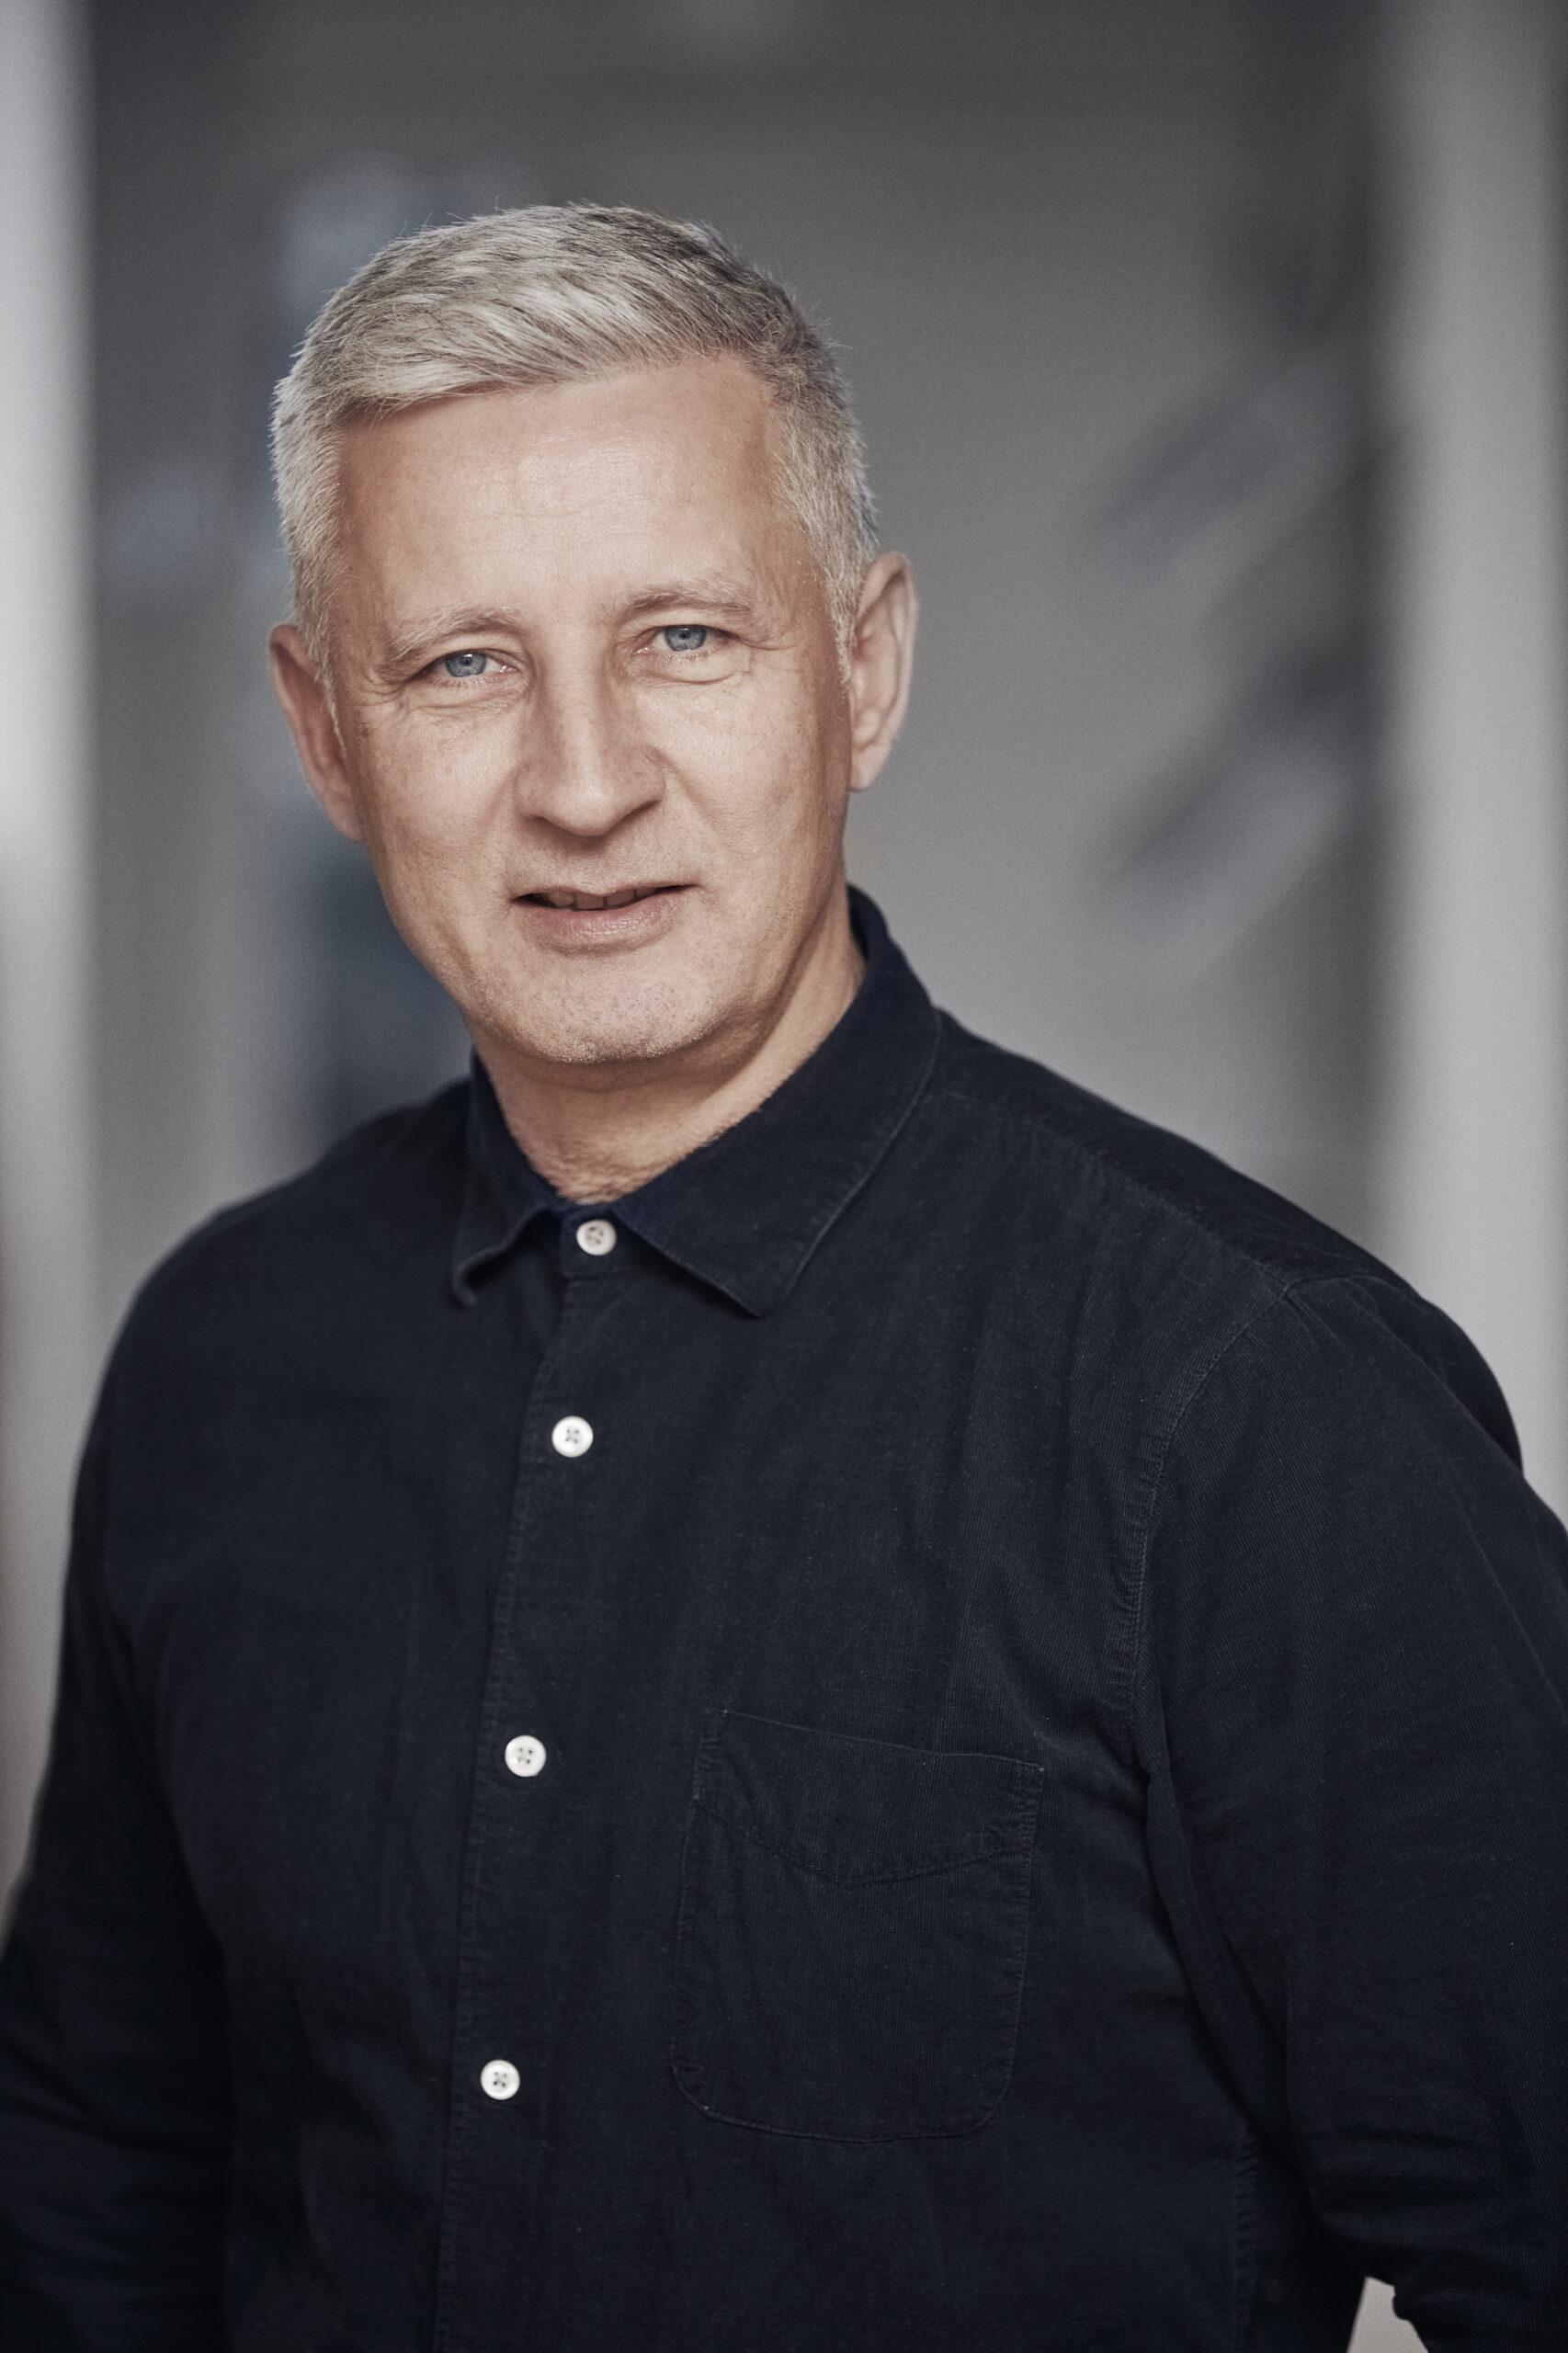 René Bloch Frederiksen